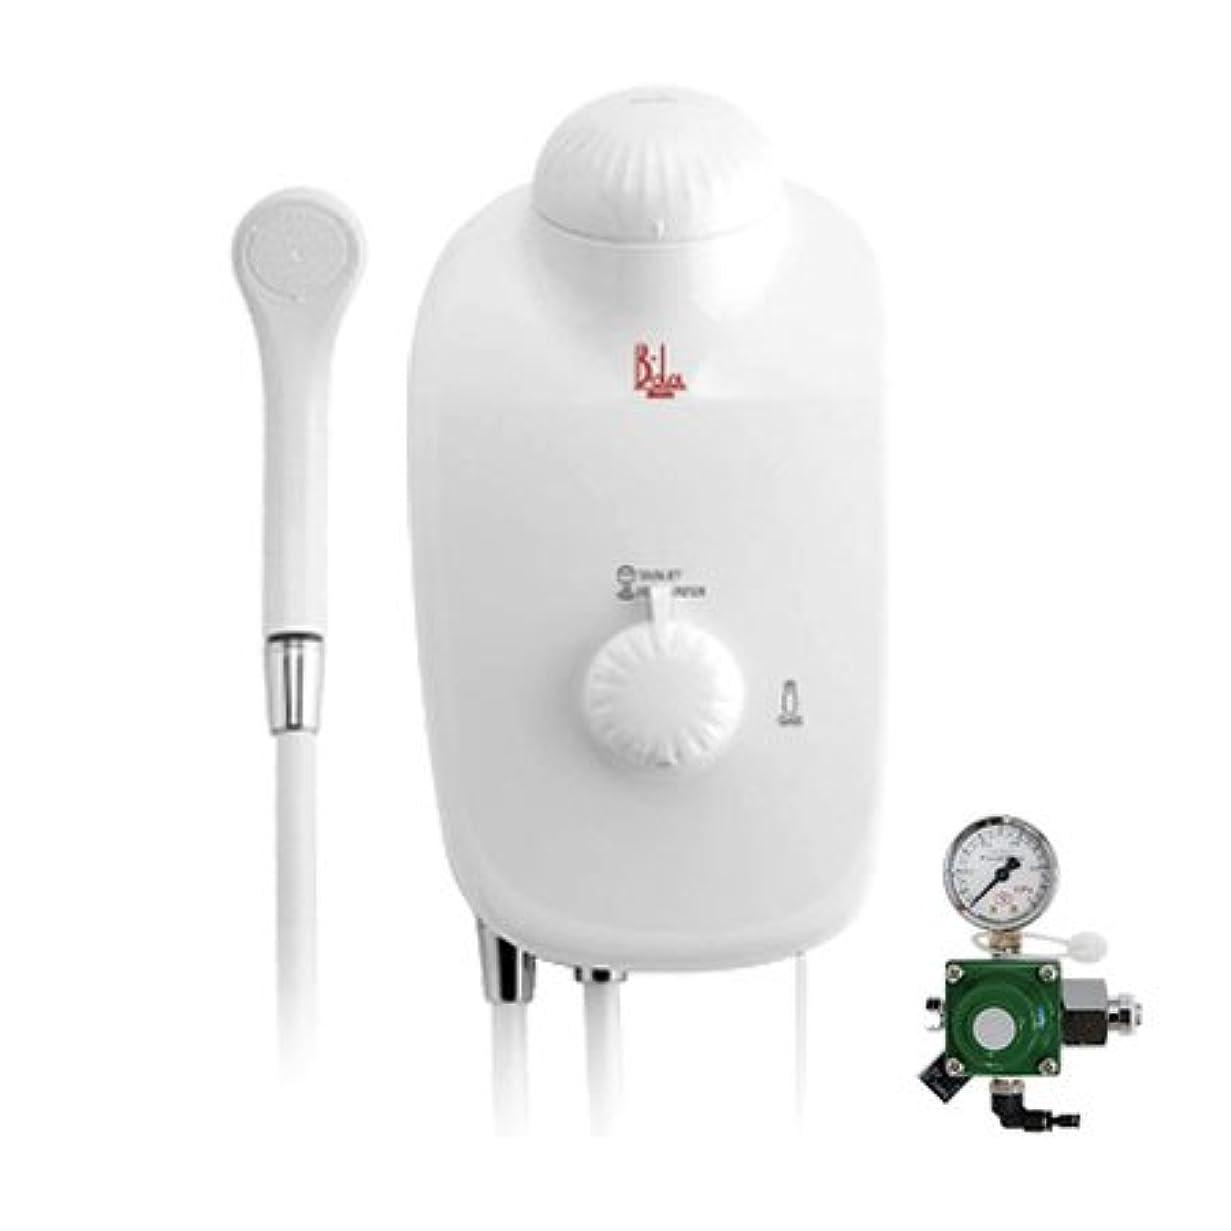 群れ振り子あいまい高濃度炭酸泉装置 B-da(ビーダ)本体セット?ガス圧調節器付き